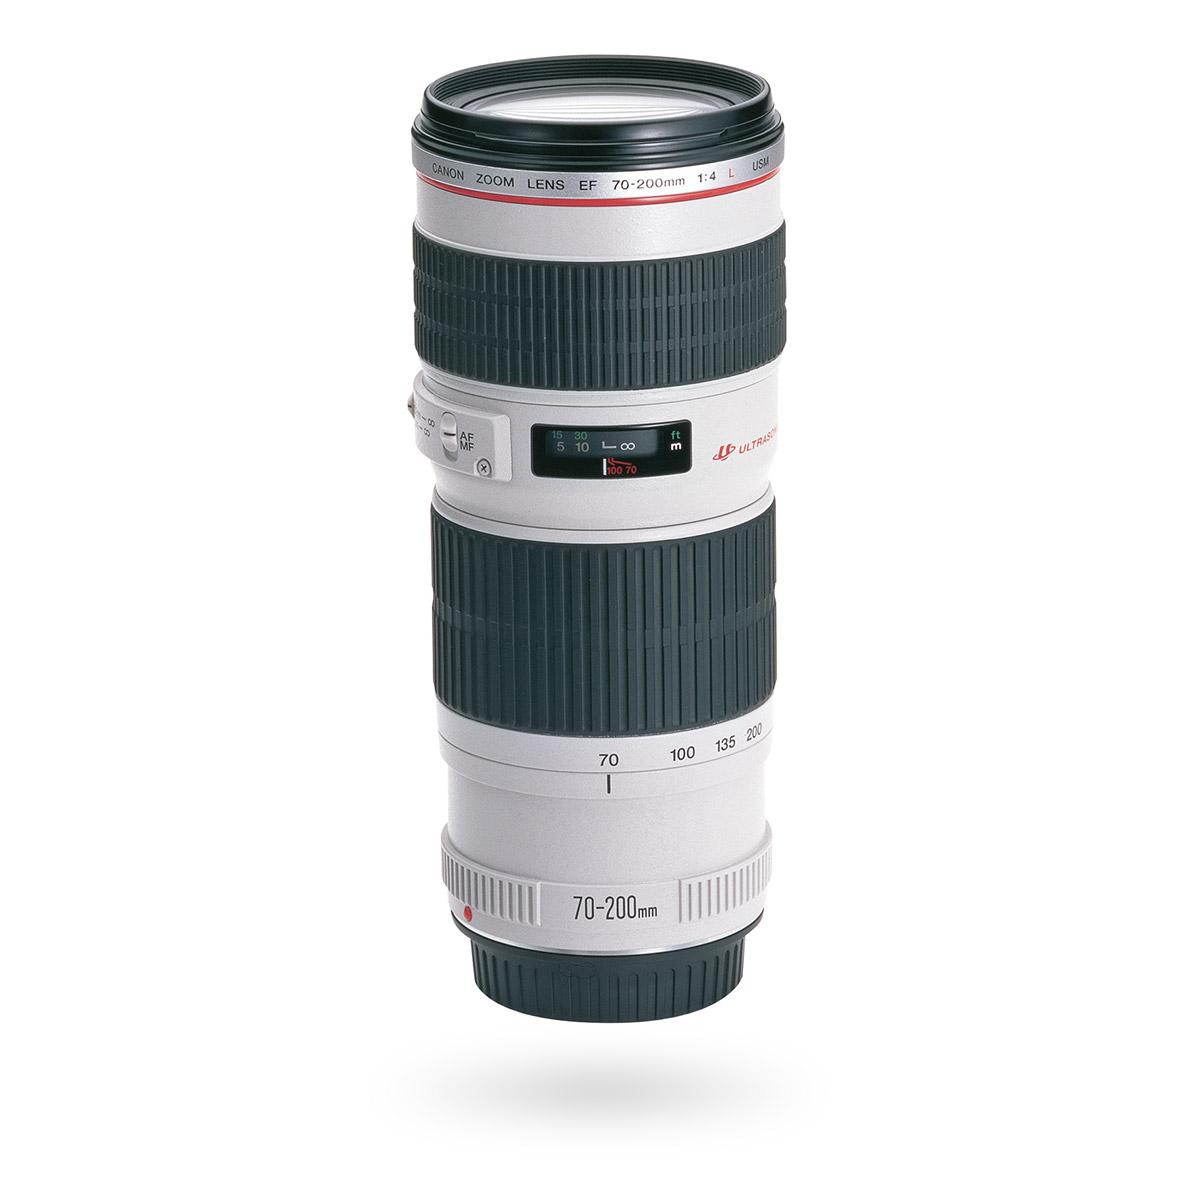 EF 70-200mm f/4L USM lens